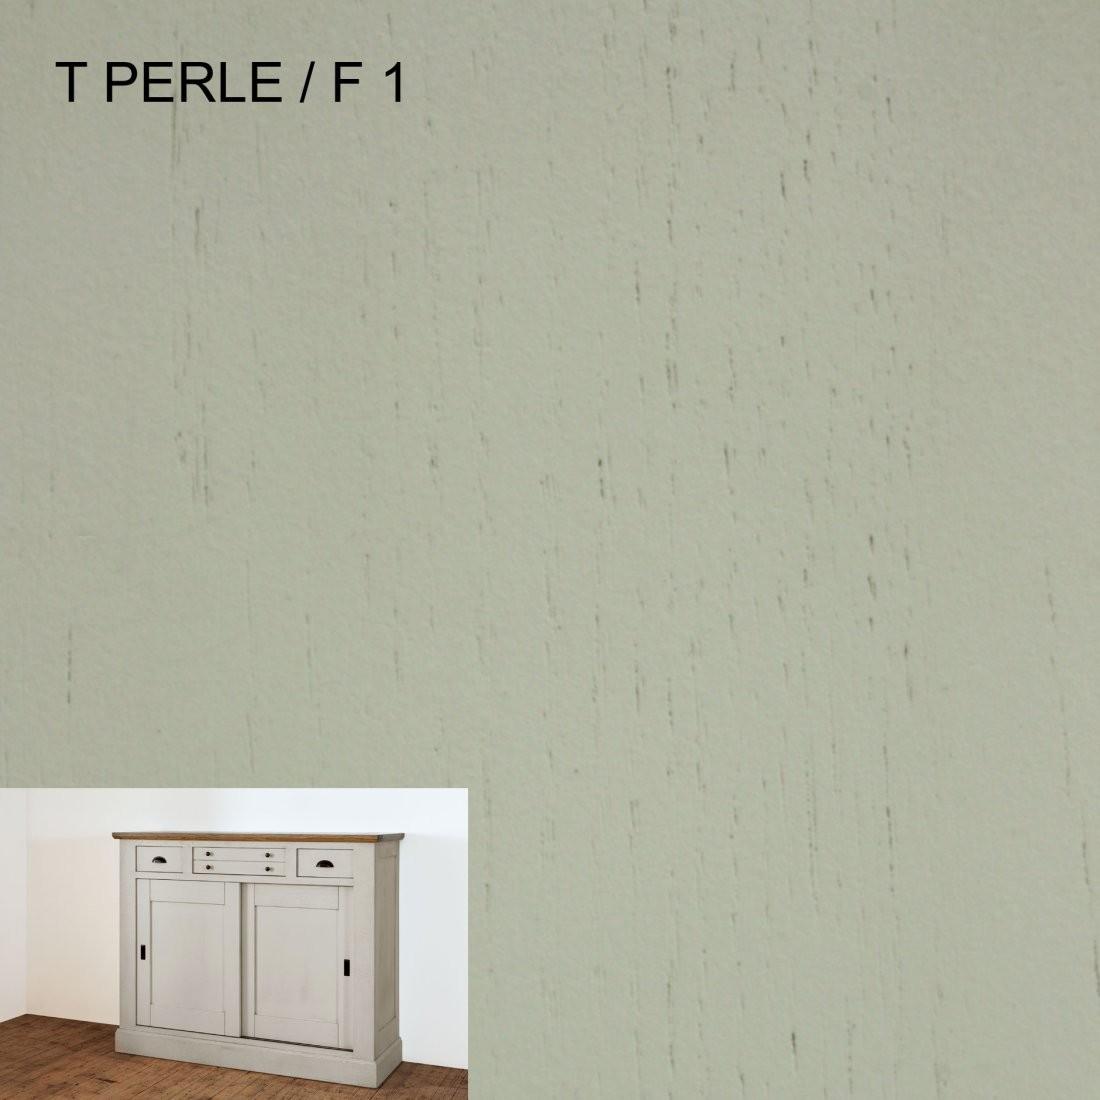 Perle/1